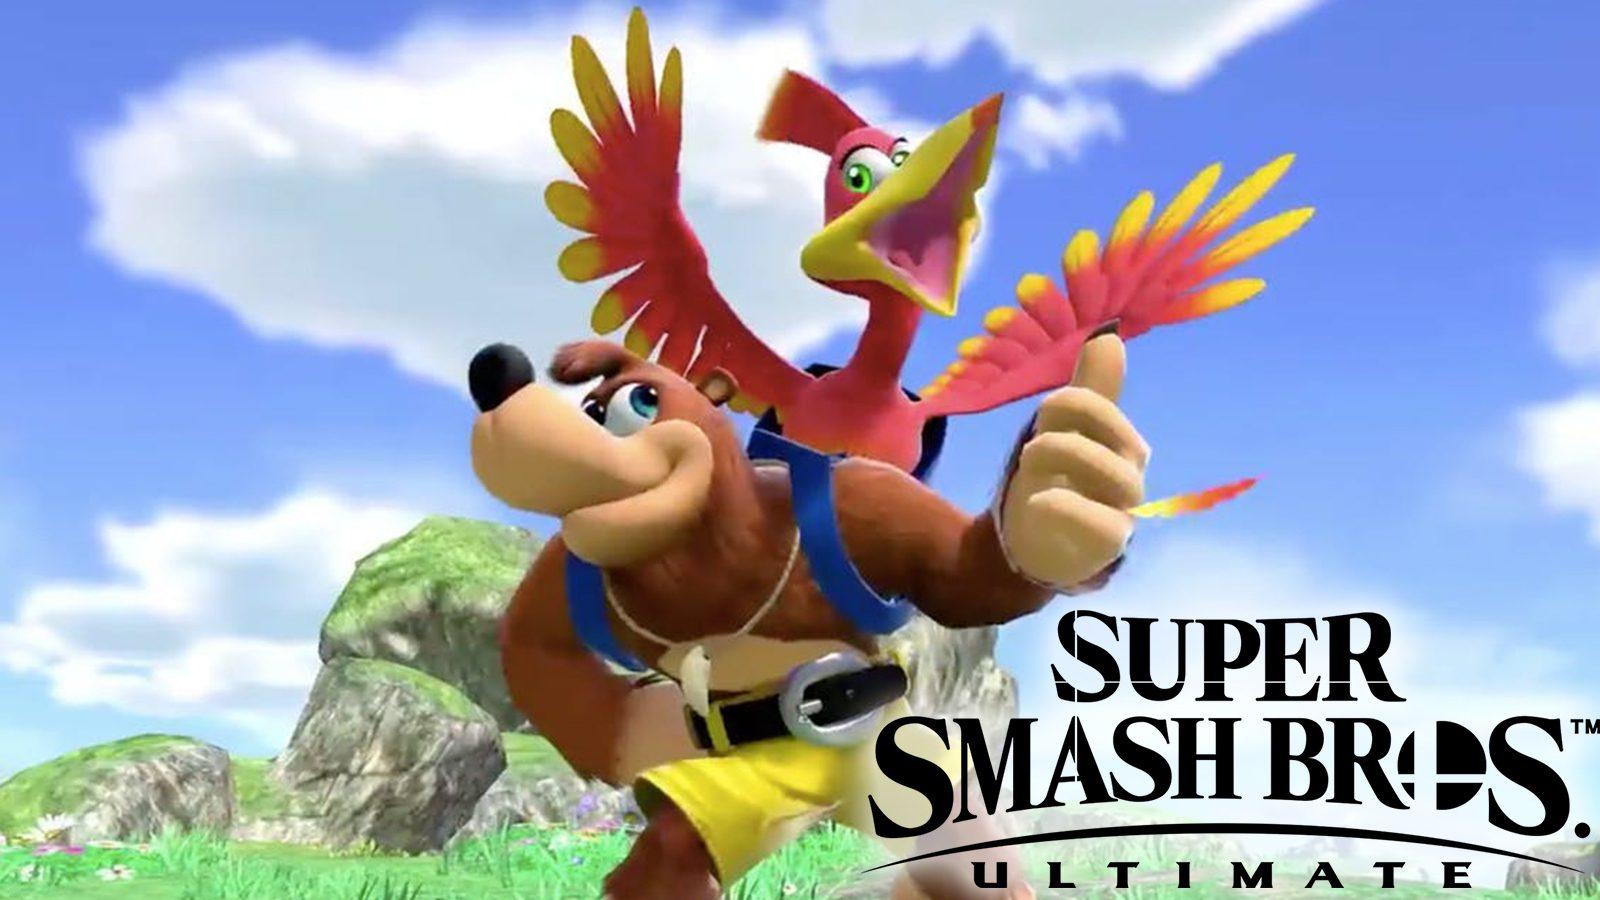 Отфильтрованная дата выпуска нового Smash Bros. от Ultimate Characters Banjo-Kazooie